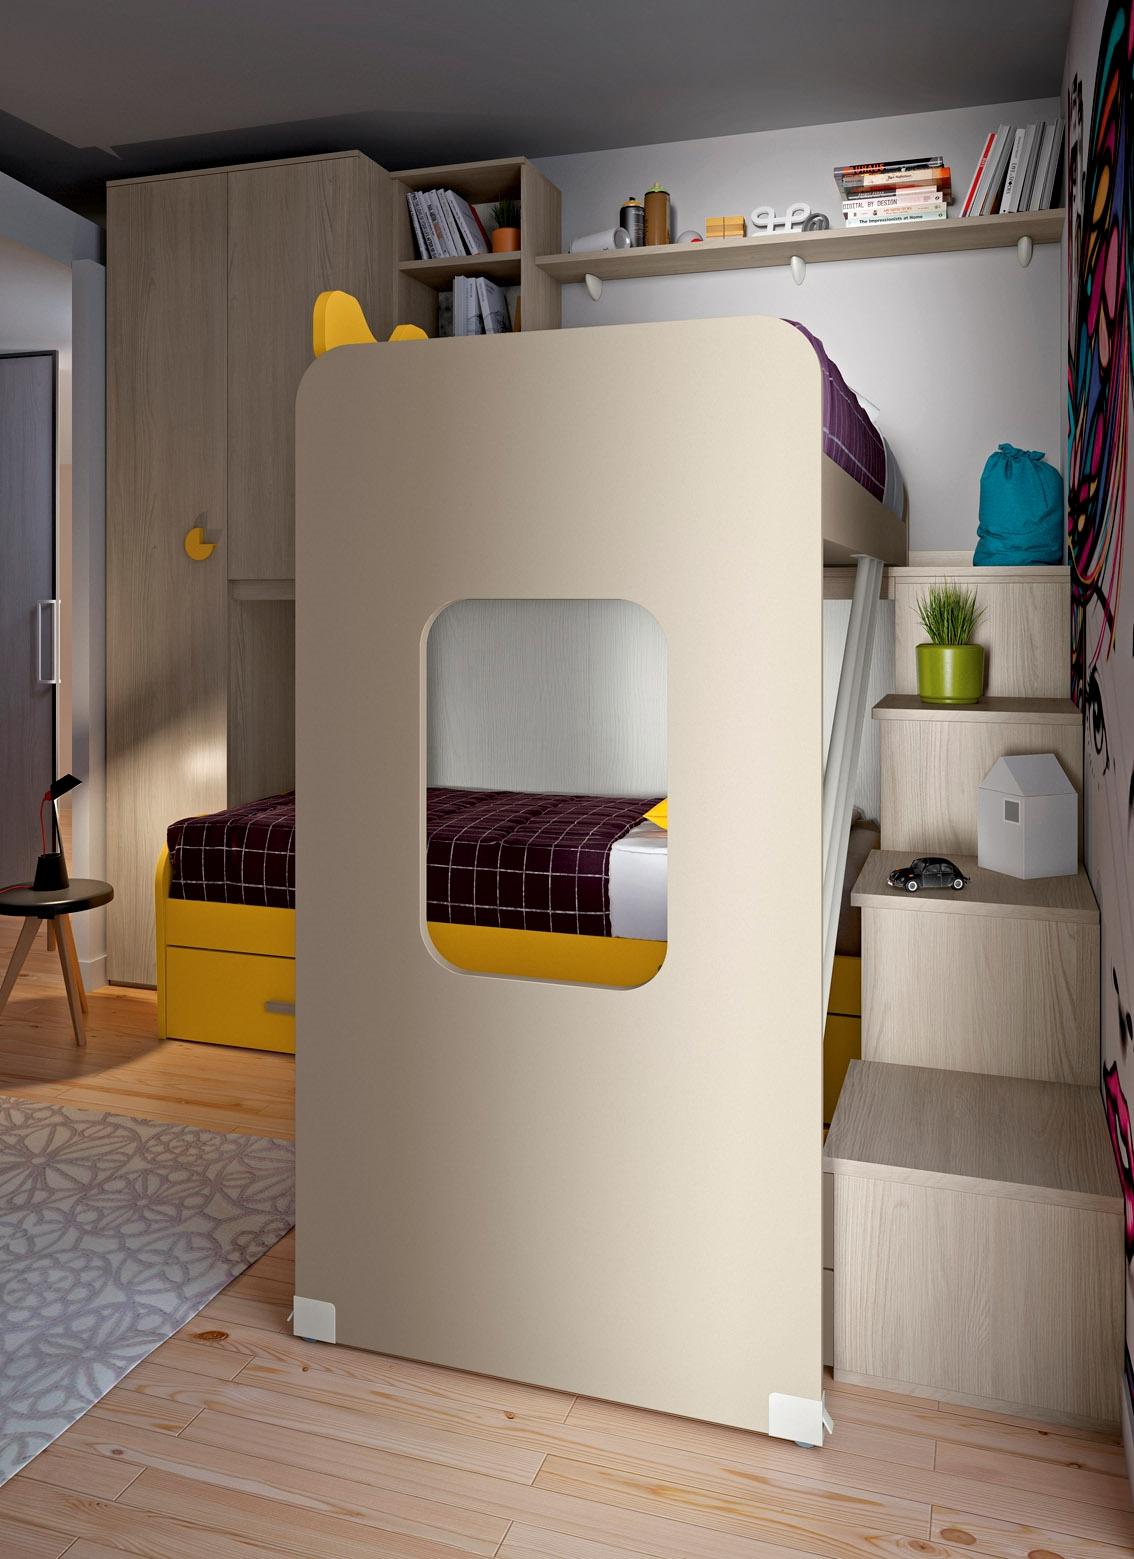 Cameretta per ragazzi scontata camerette a prezzi scontati for Ikea mobili camera